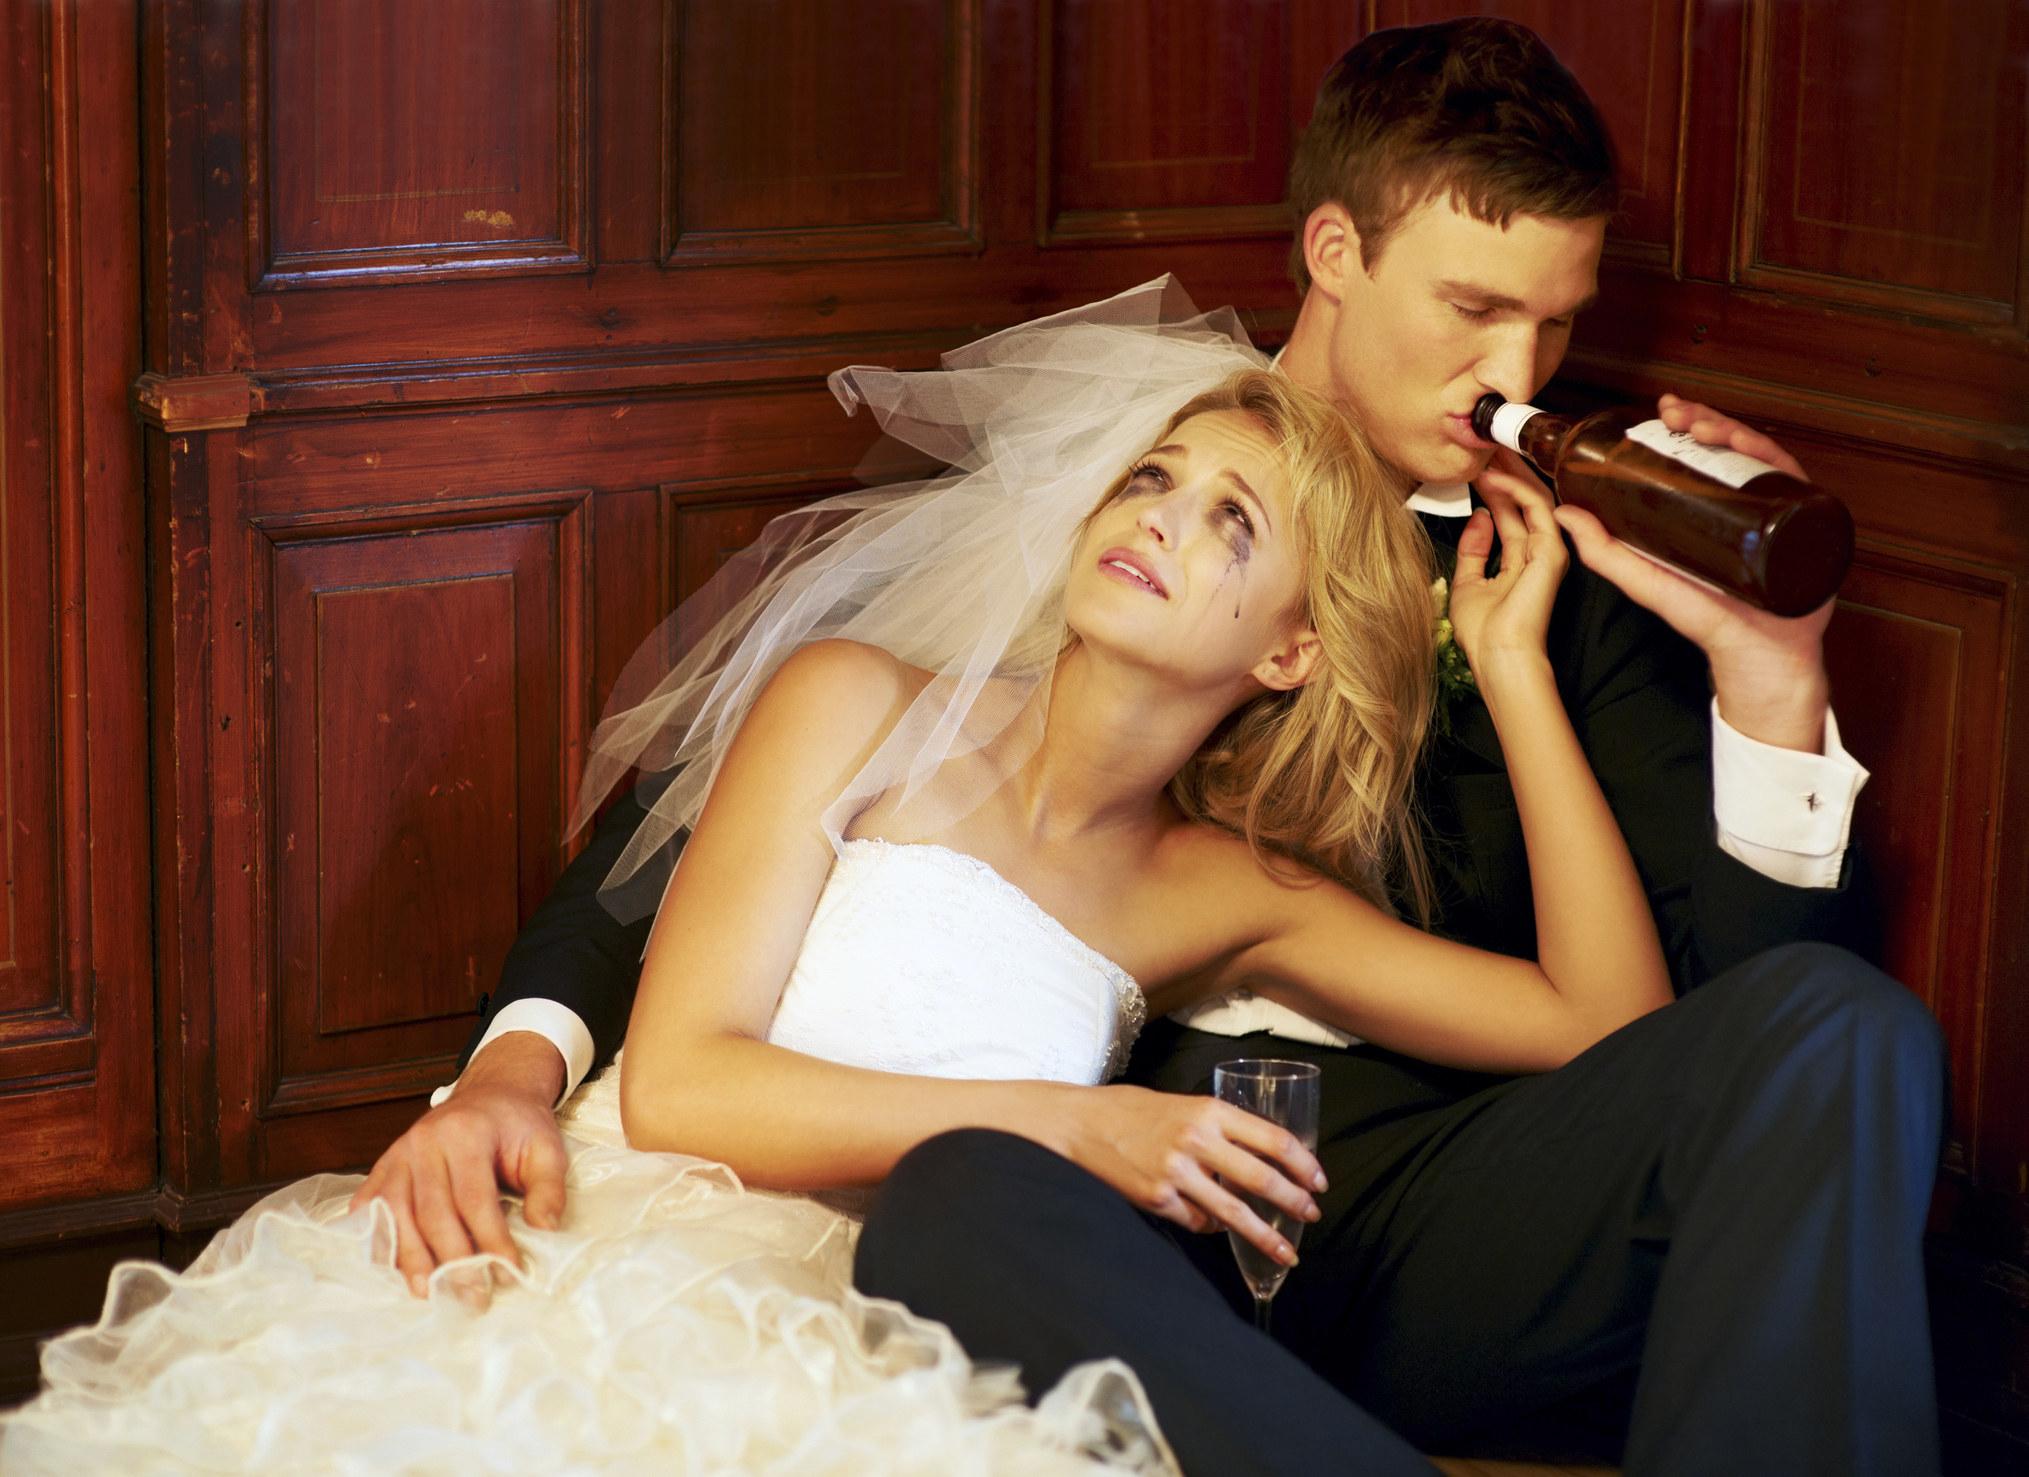 一对喝醉的新郎新娘坐在角落的地板上